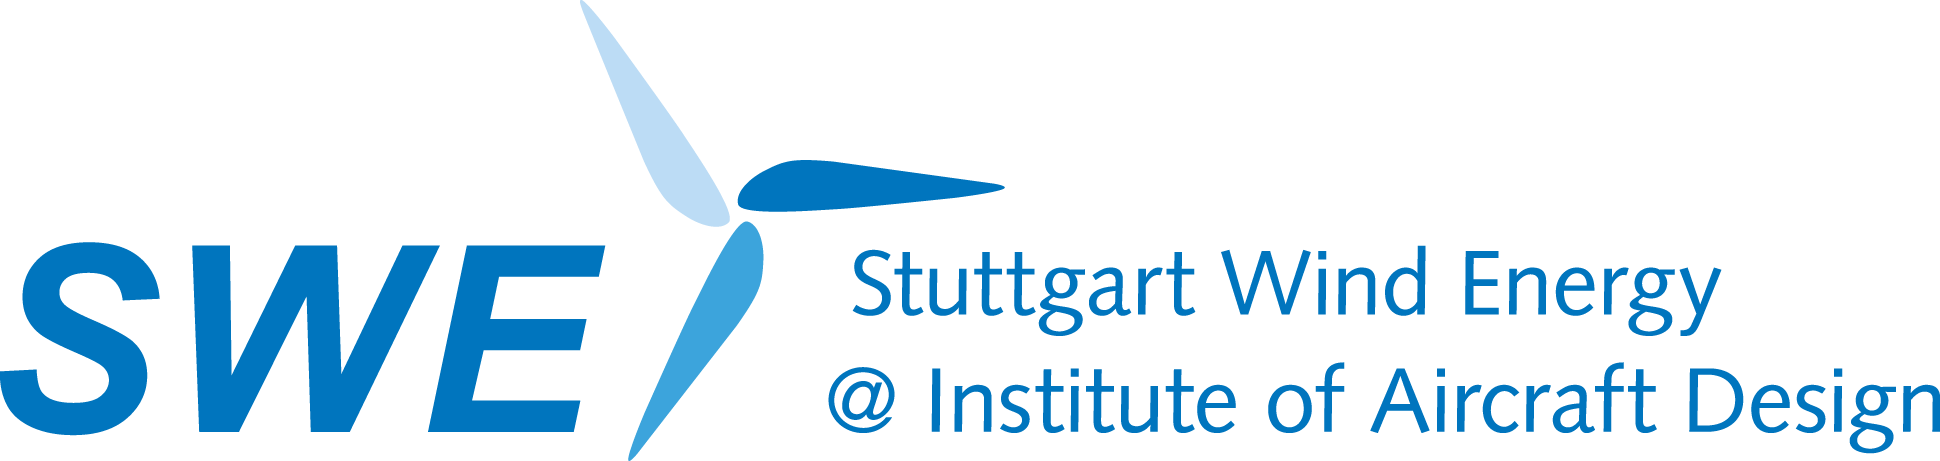 Stuttgart Wind Energy (SWE) Logo